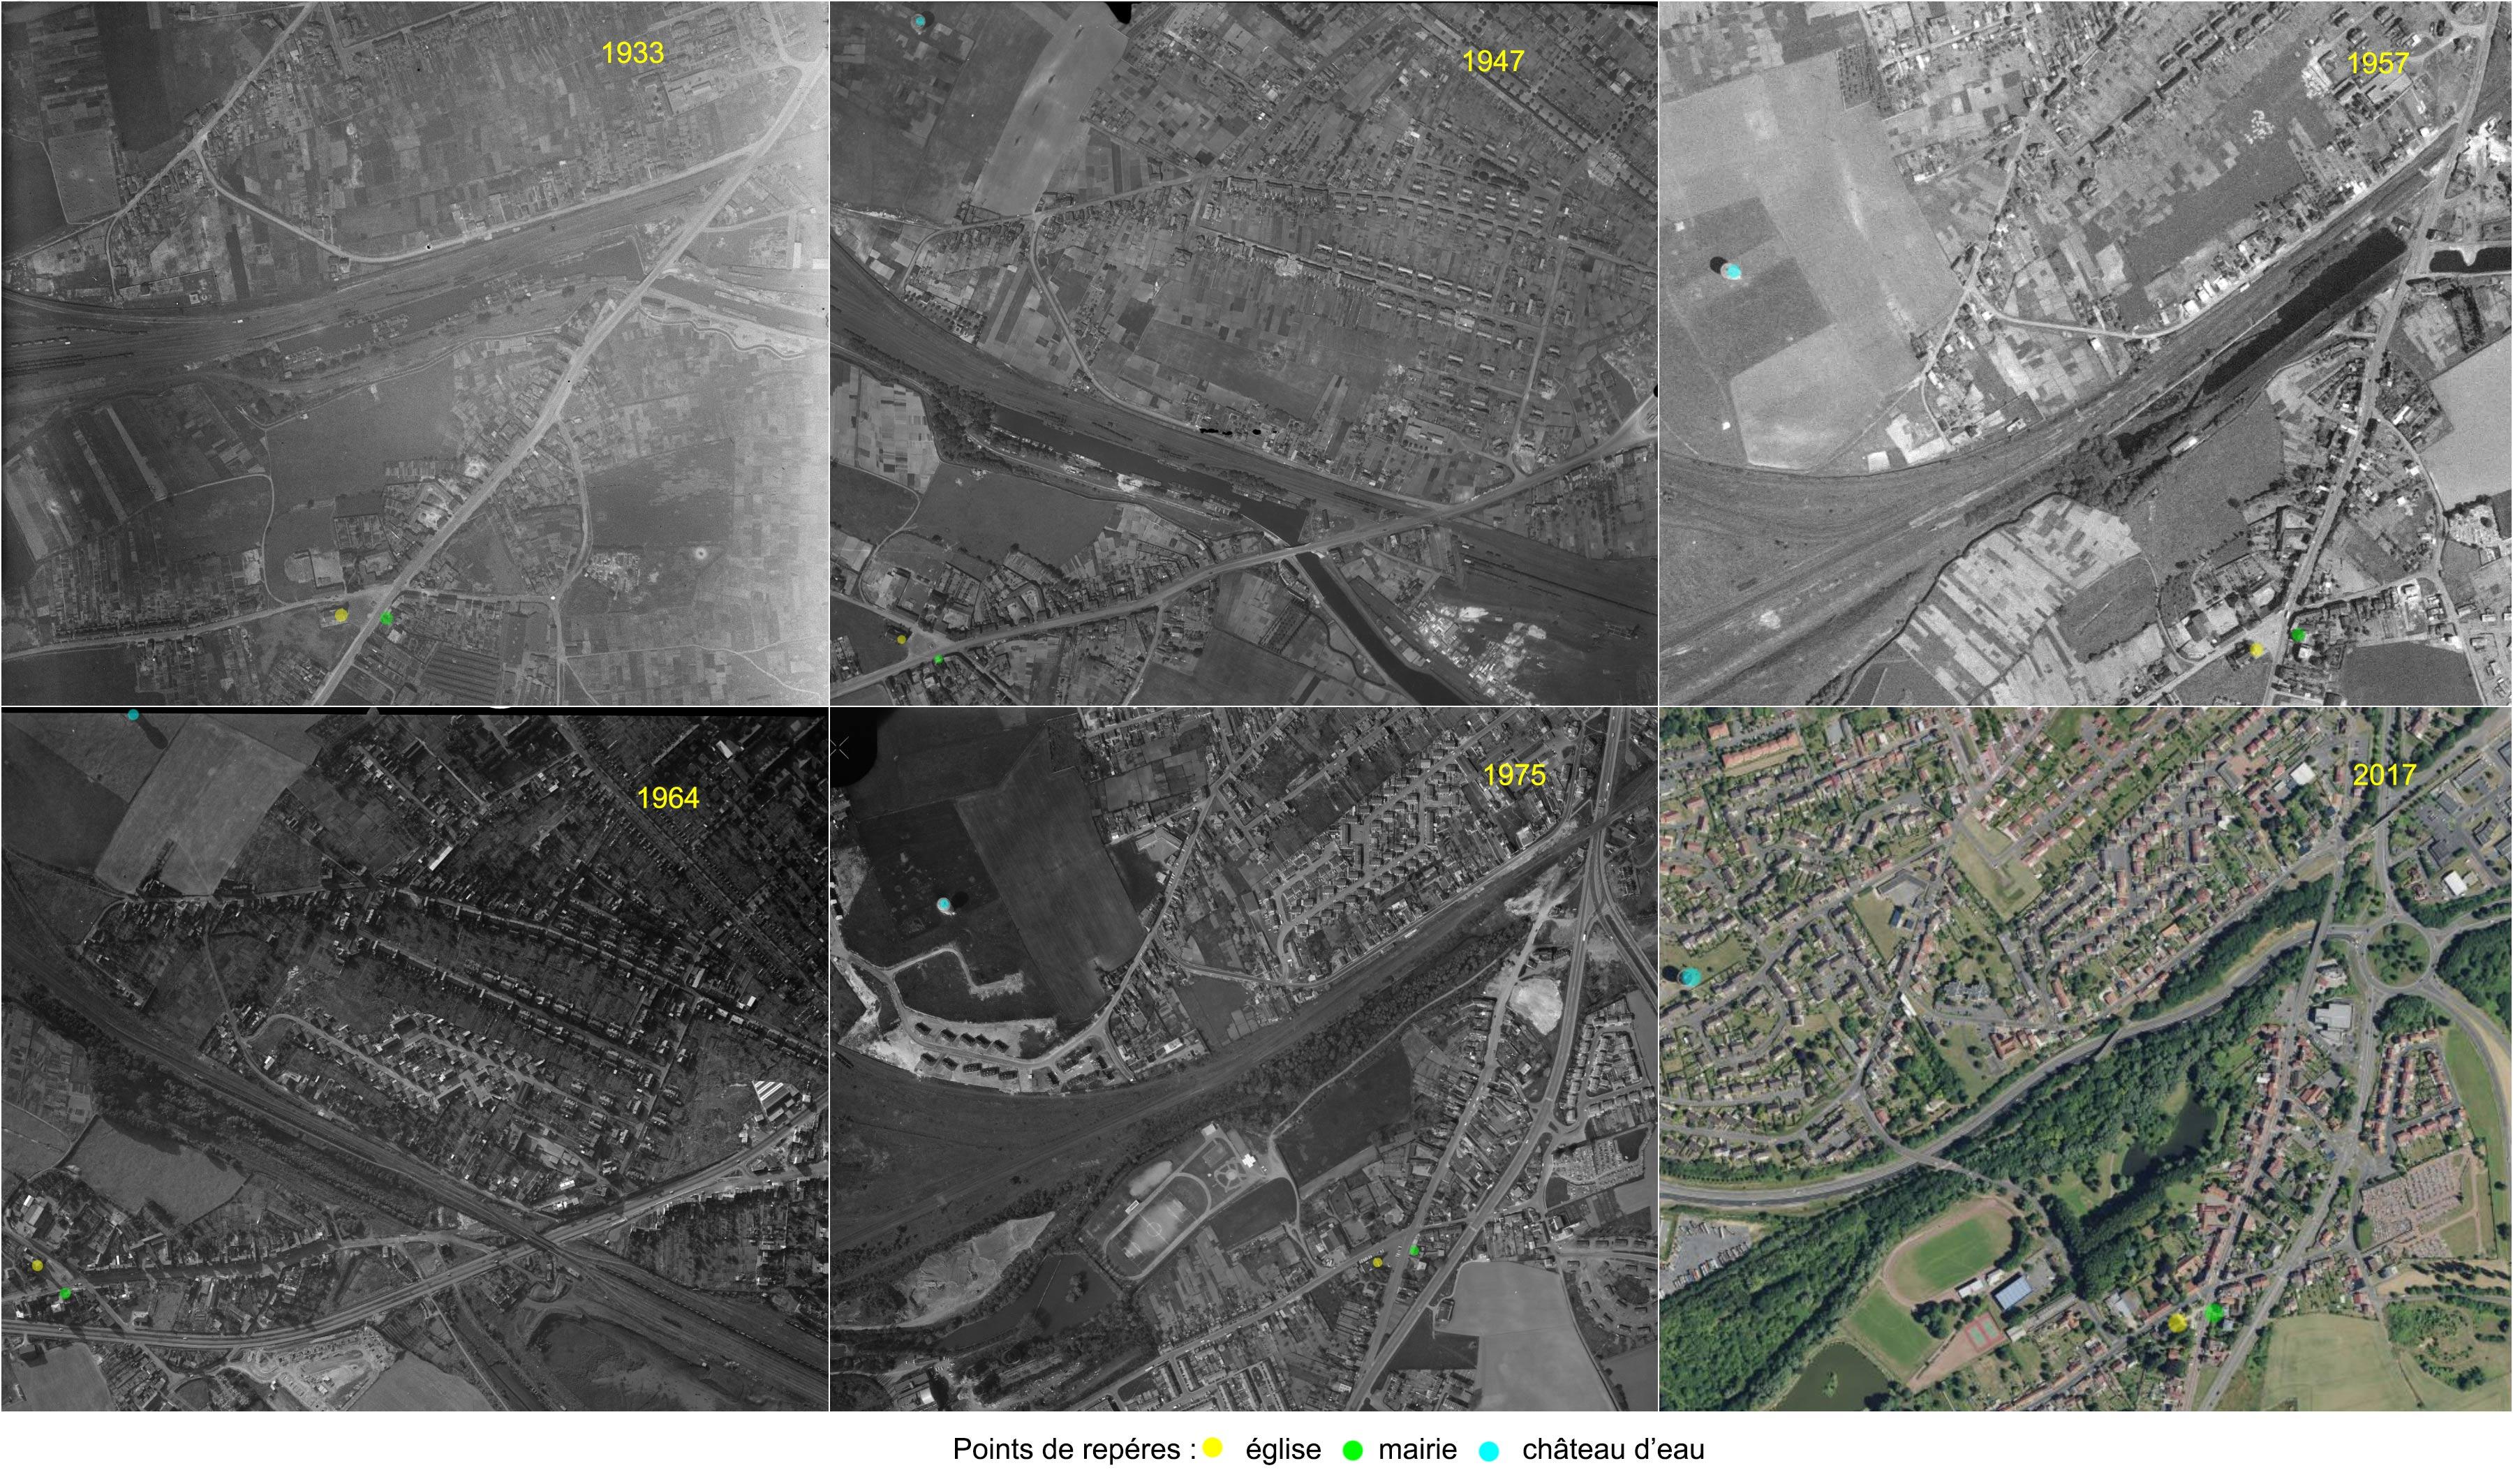 L'évolution d'Eleu-dit-leauwette entre 1933 et 2017